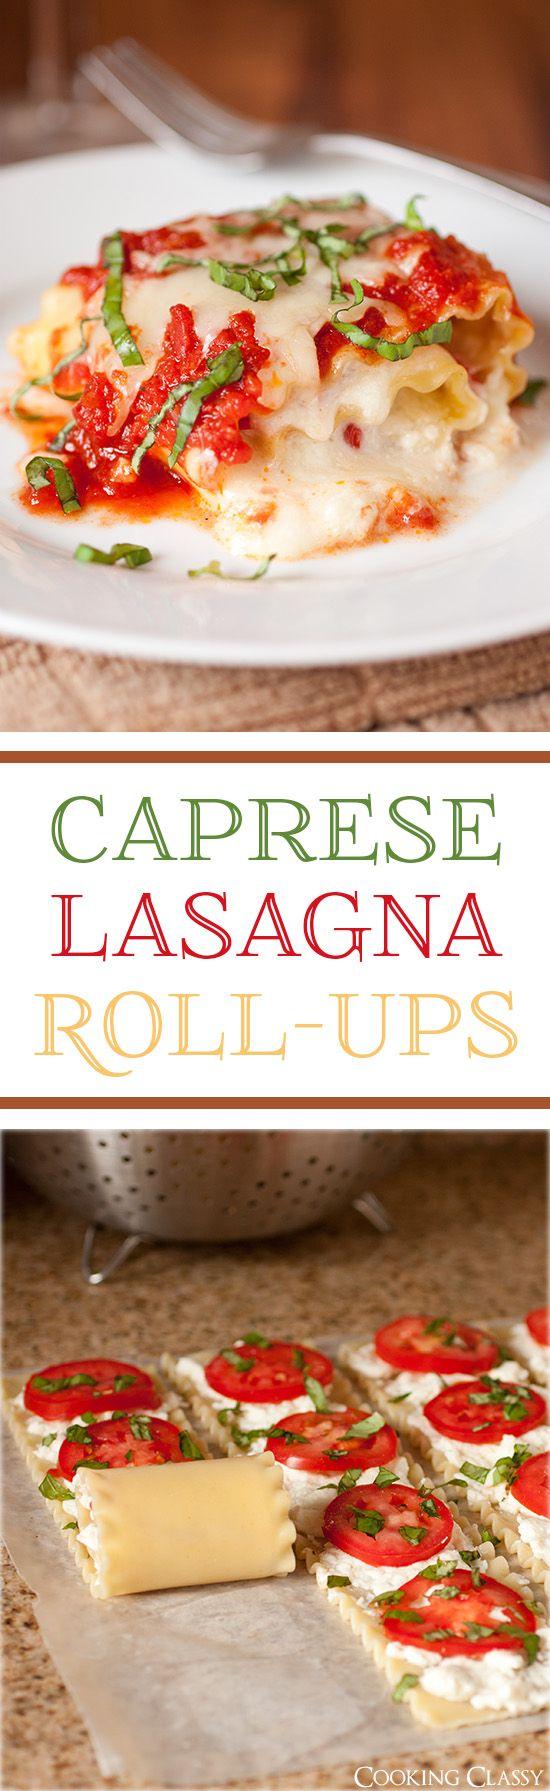 Caprese Lasagna Roll-Ups